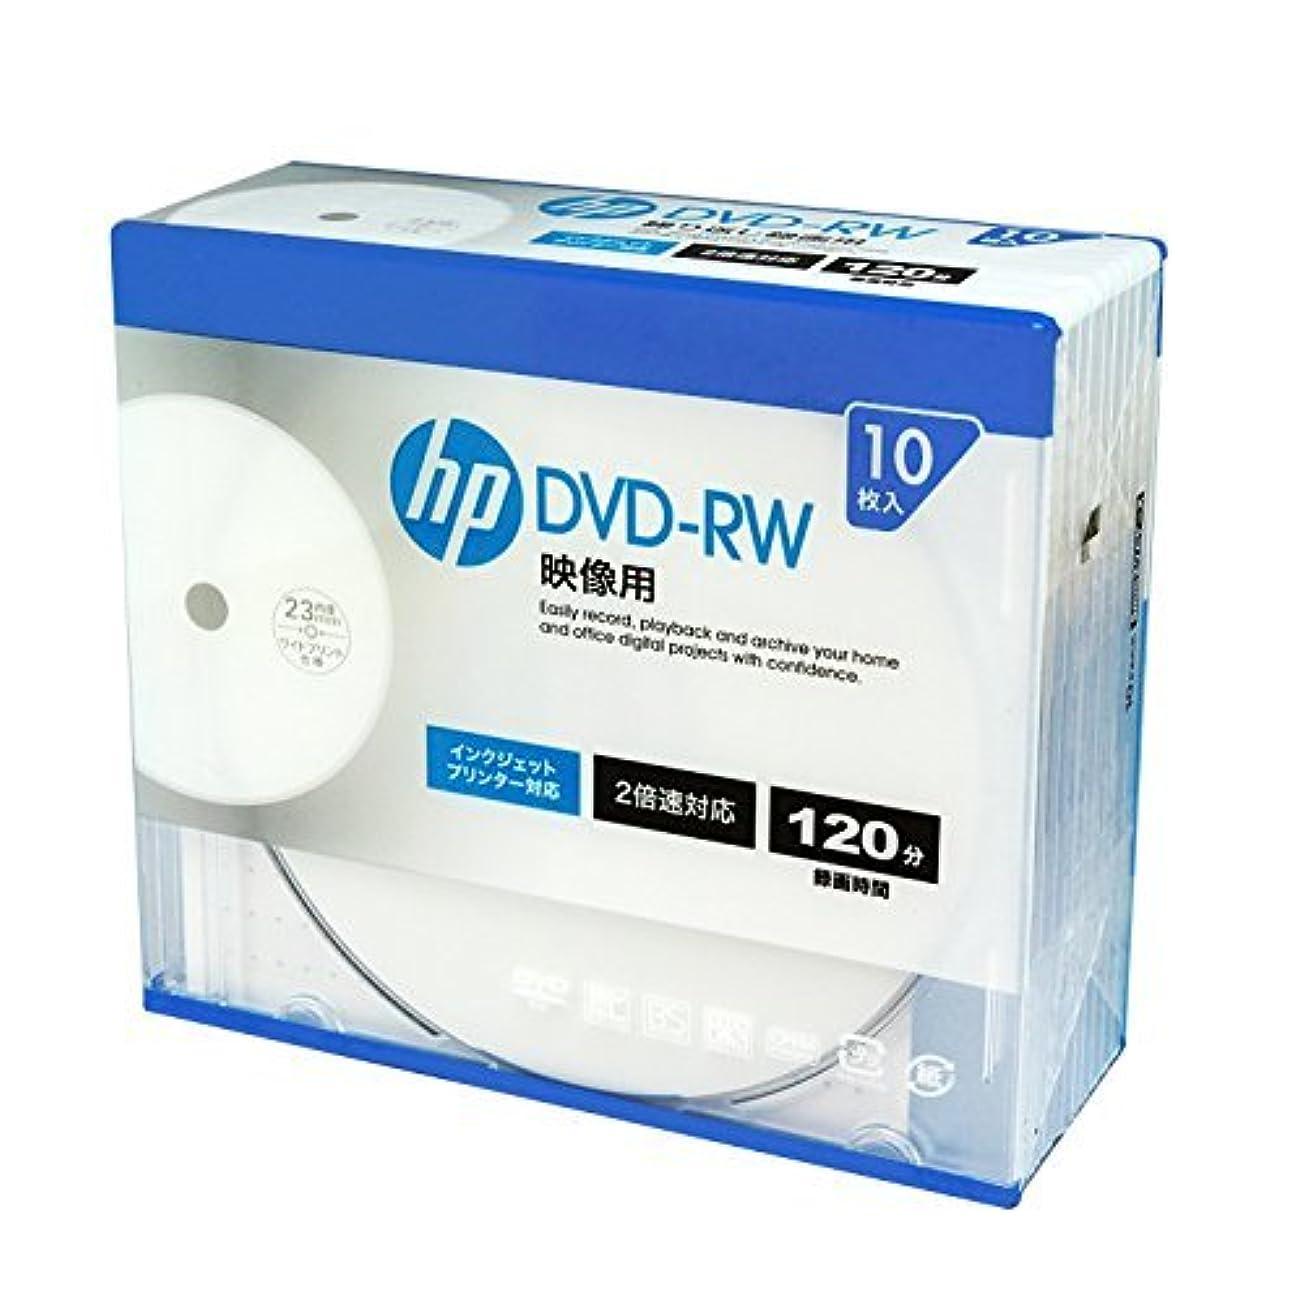 わずかにあいまいな裁量DRW120DPWA1A-D TDK DVD-RW 繰り返し録画用 CPRM対応